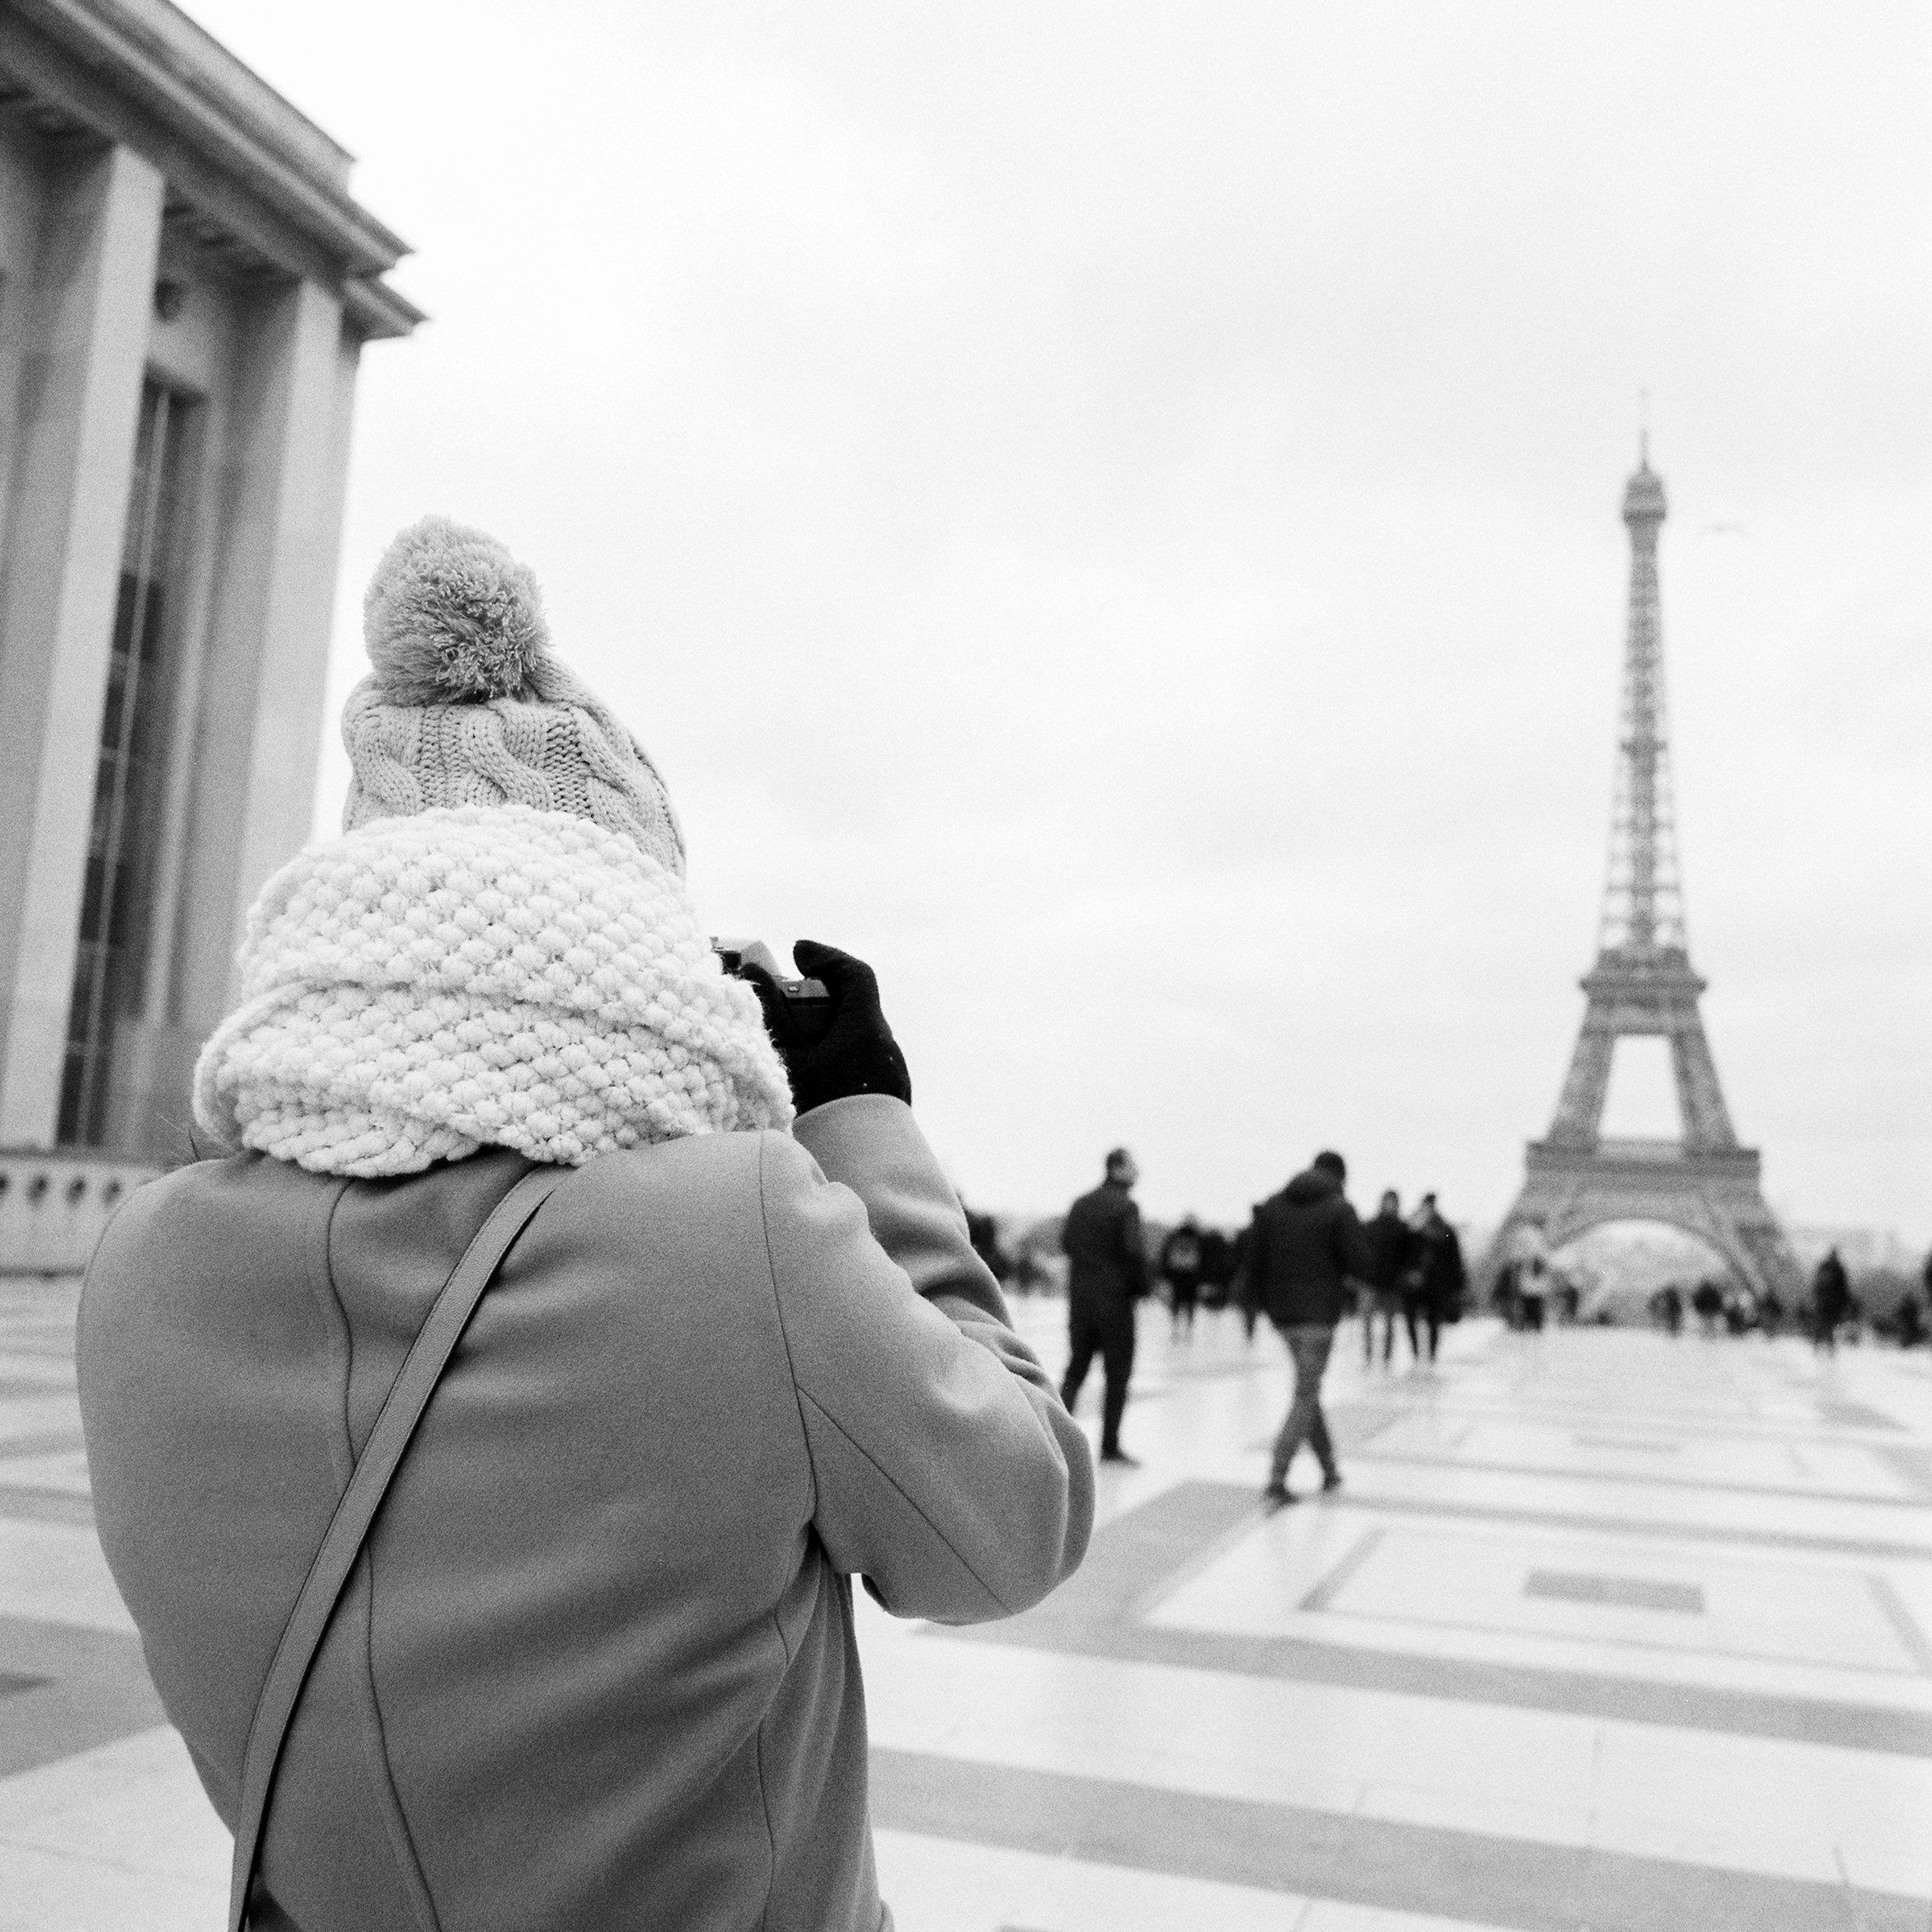 best-eiffel-tower-views-in-paris-on-filmjpg